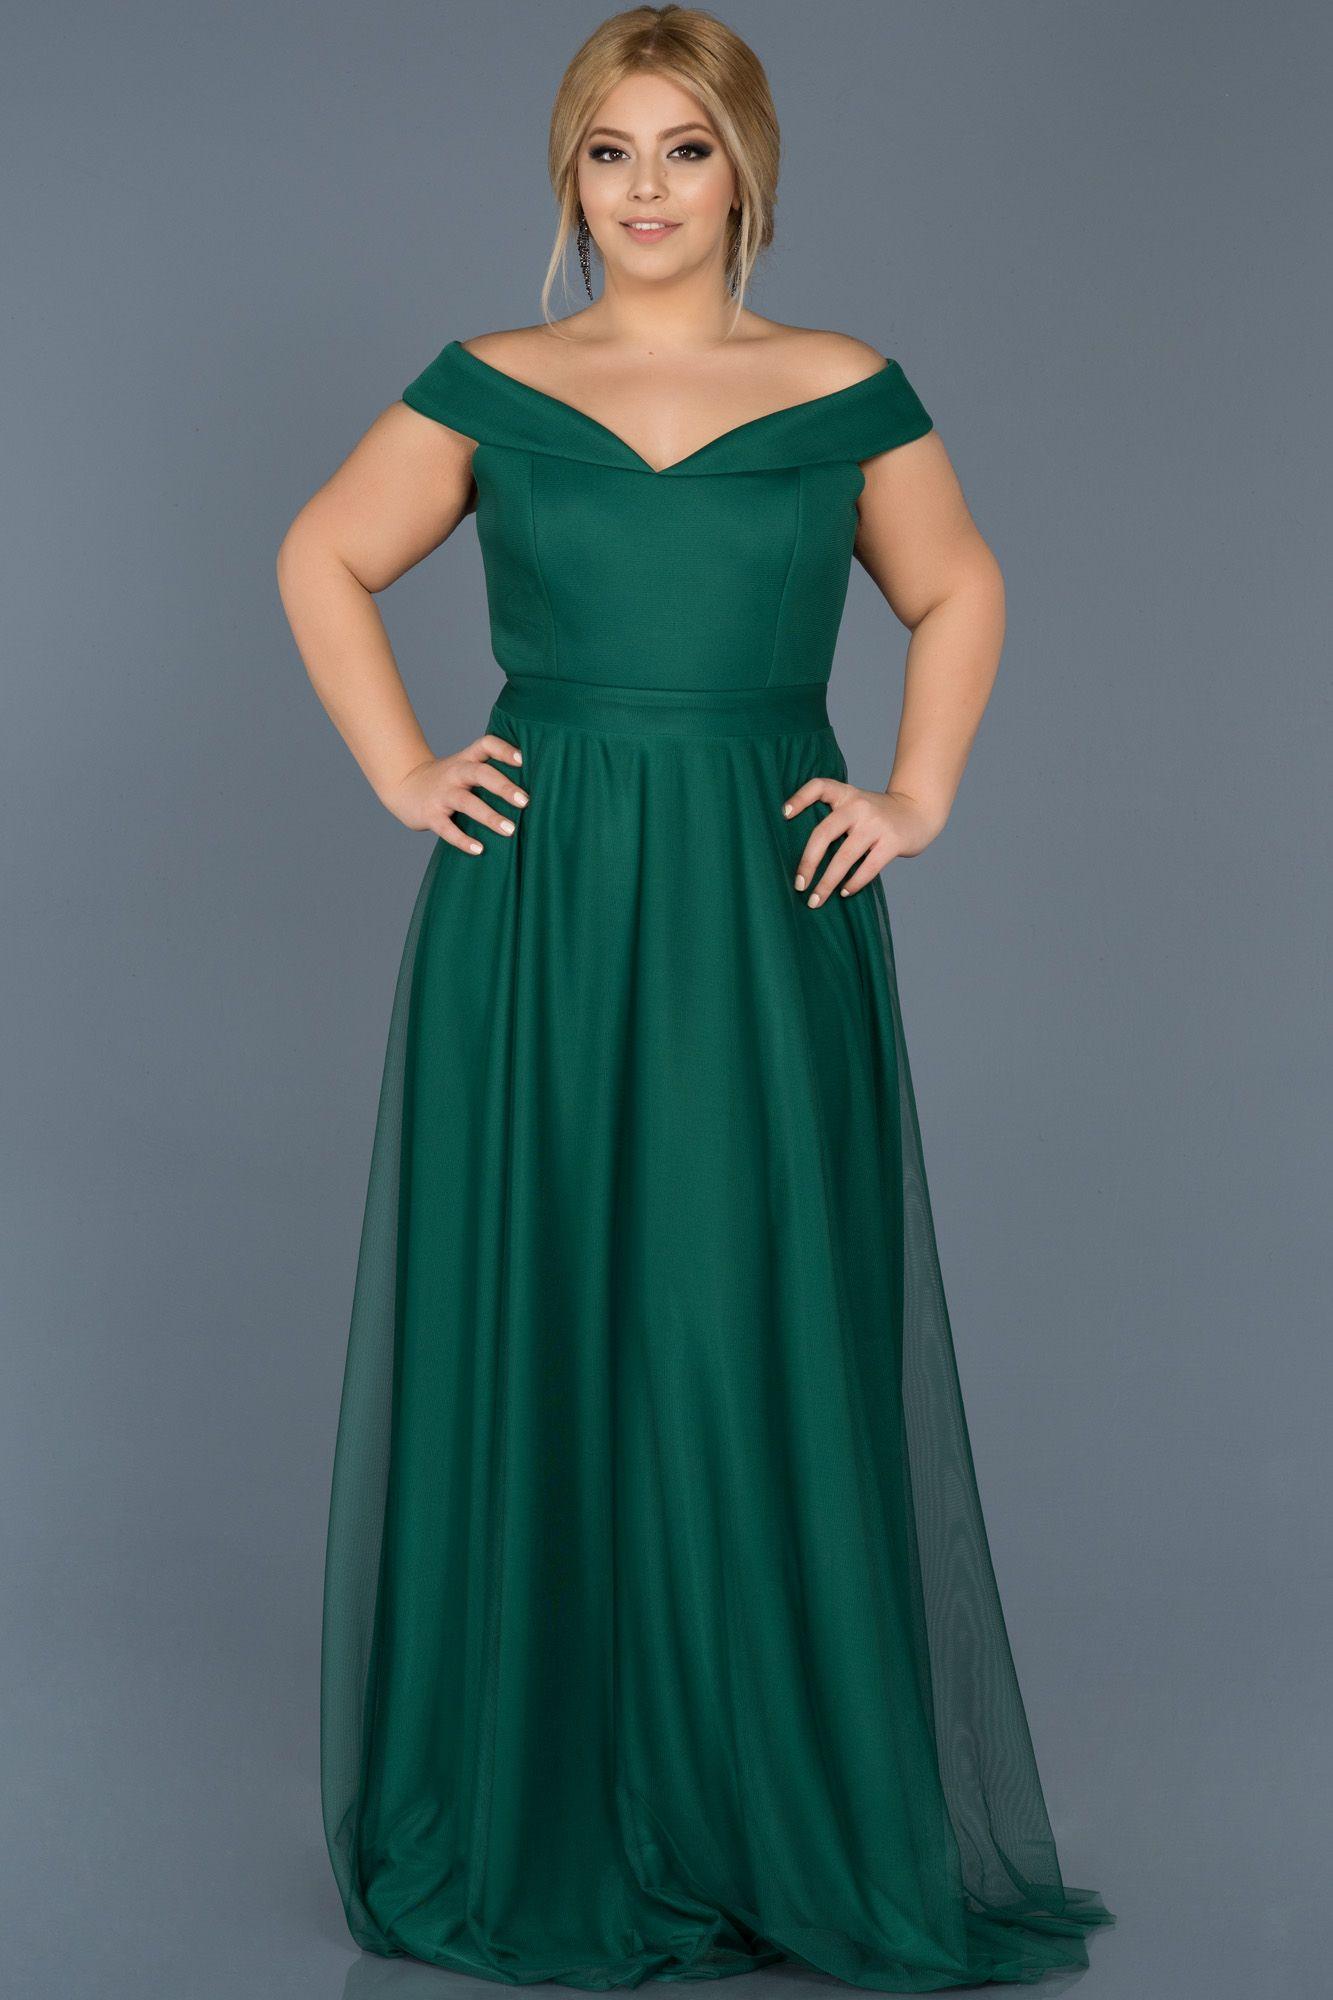 Ordek Basi Kayik Yaka Buyuk Beden Elbise Abu020 Abiyefon Com 2020 The Dress Elbise Aksamustu Giysileri